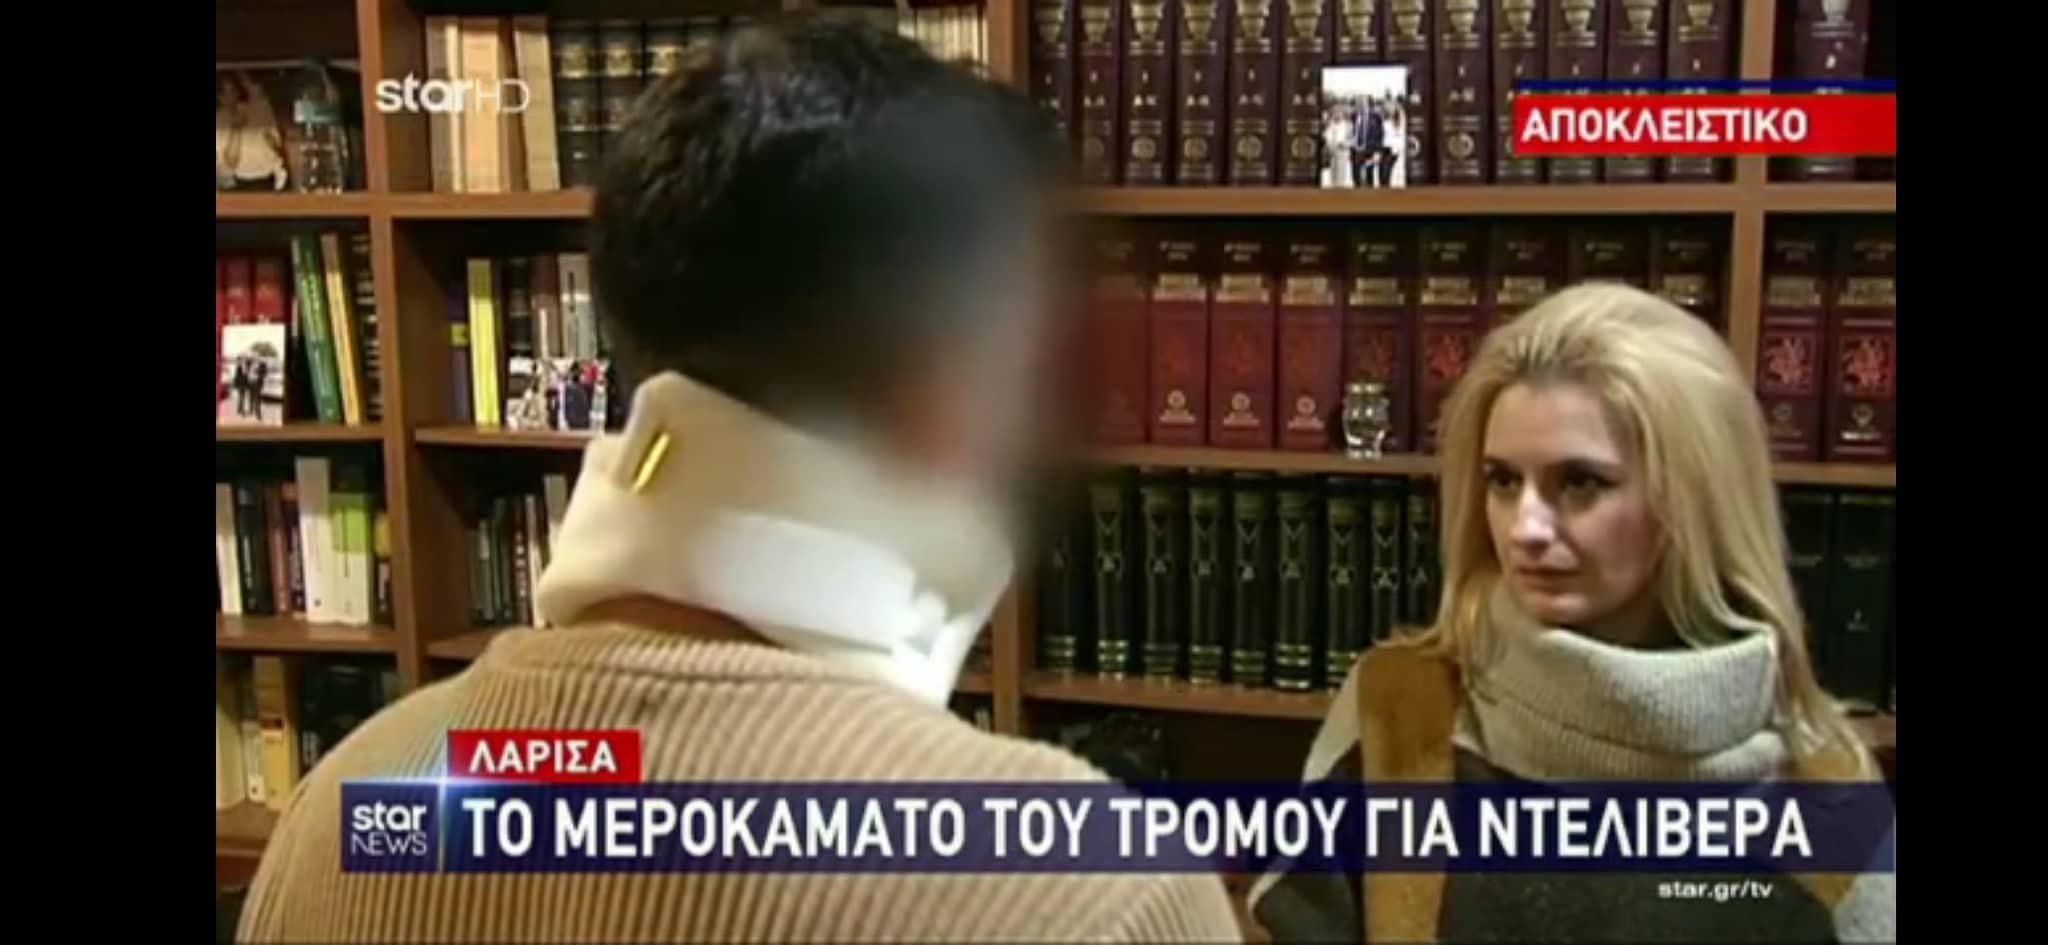 Λάρισα: Όλα όσα περιγράφει για τη διανομή του τρόμου ο ντελιβεράς στην κάμερα του STAR και στη Μαρία Κορώνα (ΒΙΝΤΕΟ)